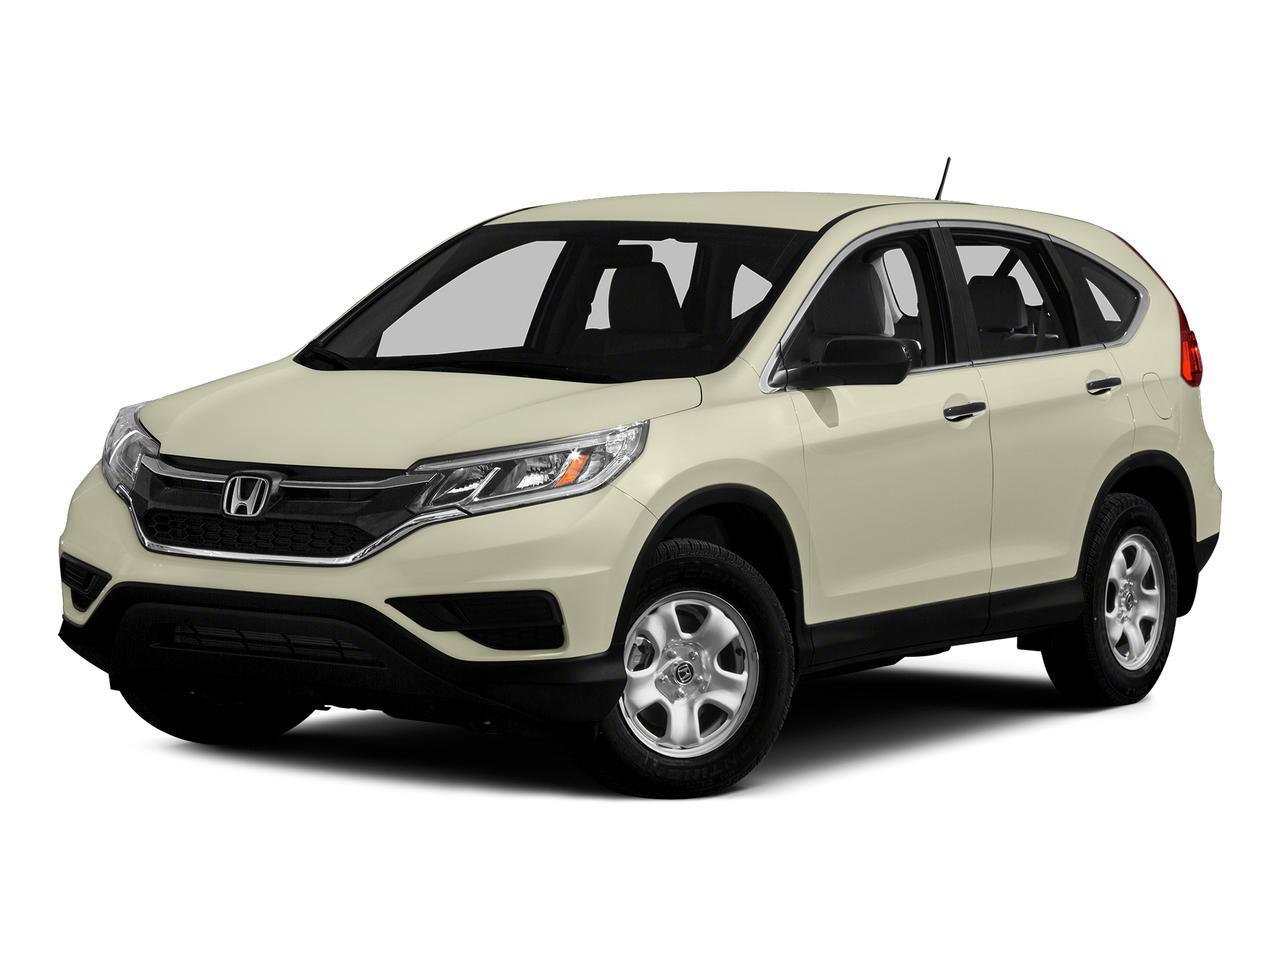 2015 Honda CR-V Vehicle Photo in Houston, TX 77074